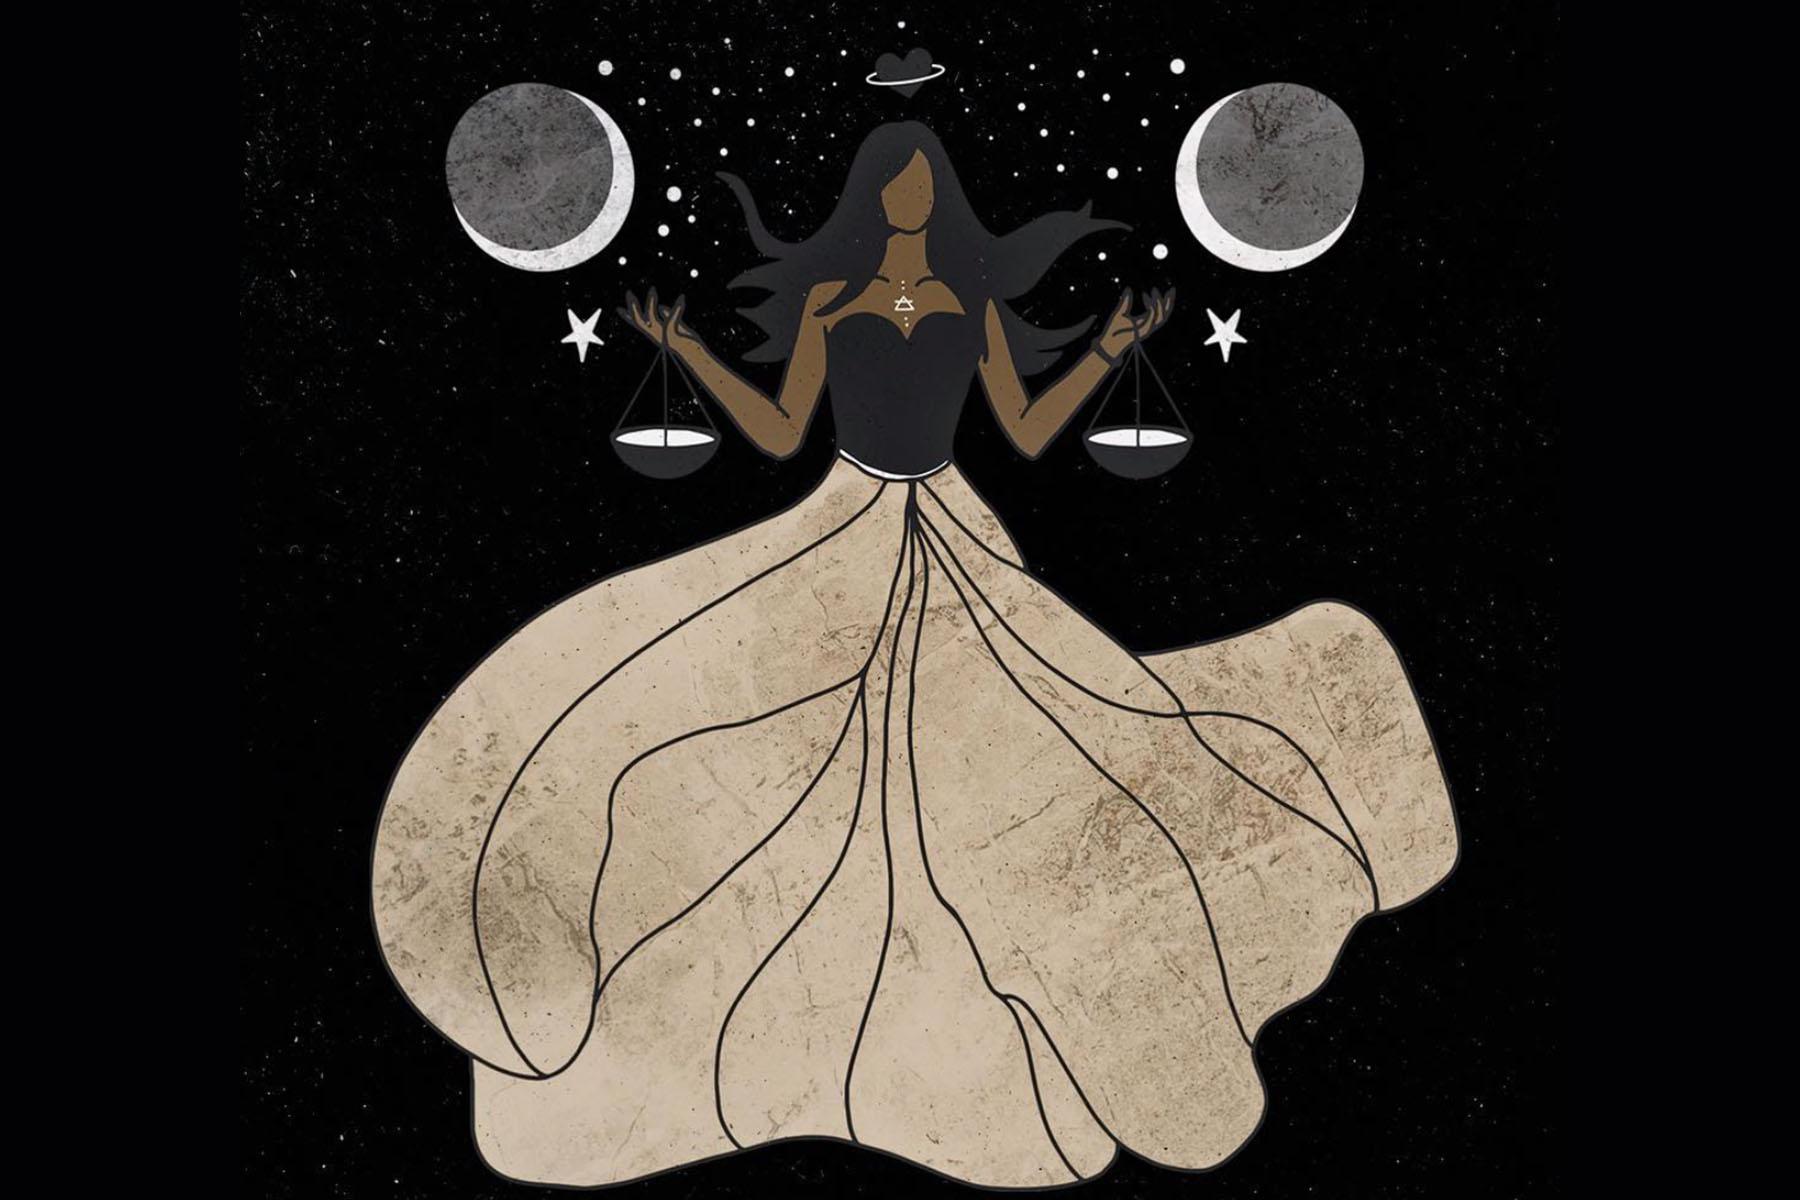 Your Libra Season Horoscope: Beauty and Balance